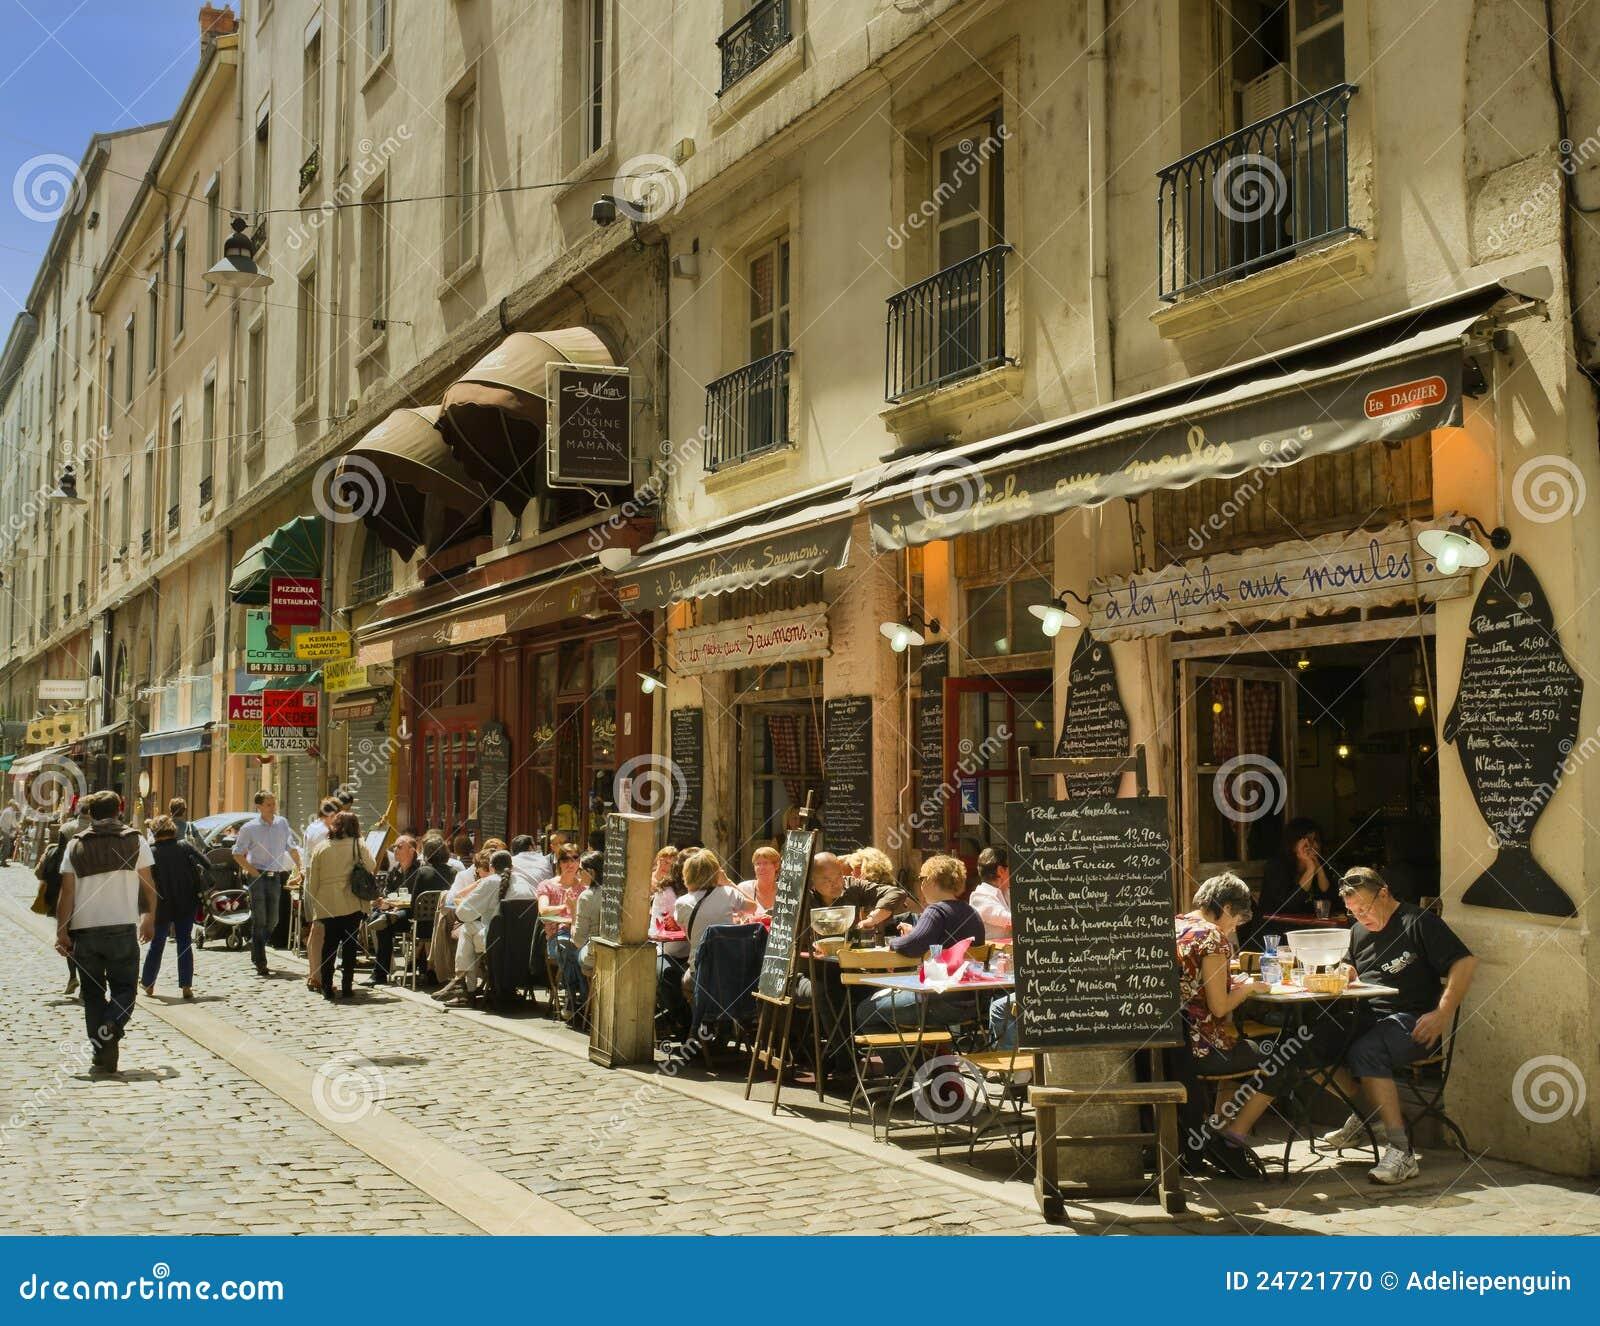 Dreams Cafe Lyon